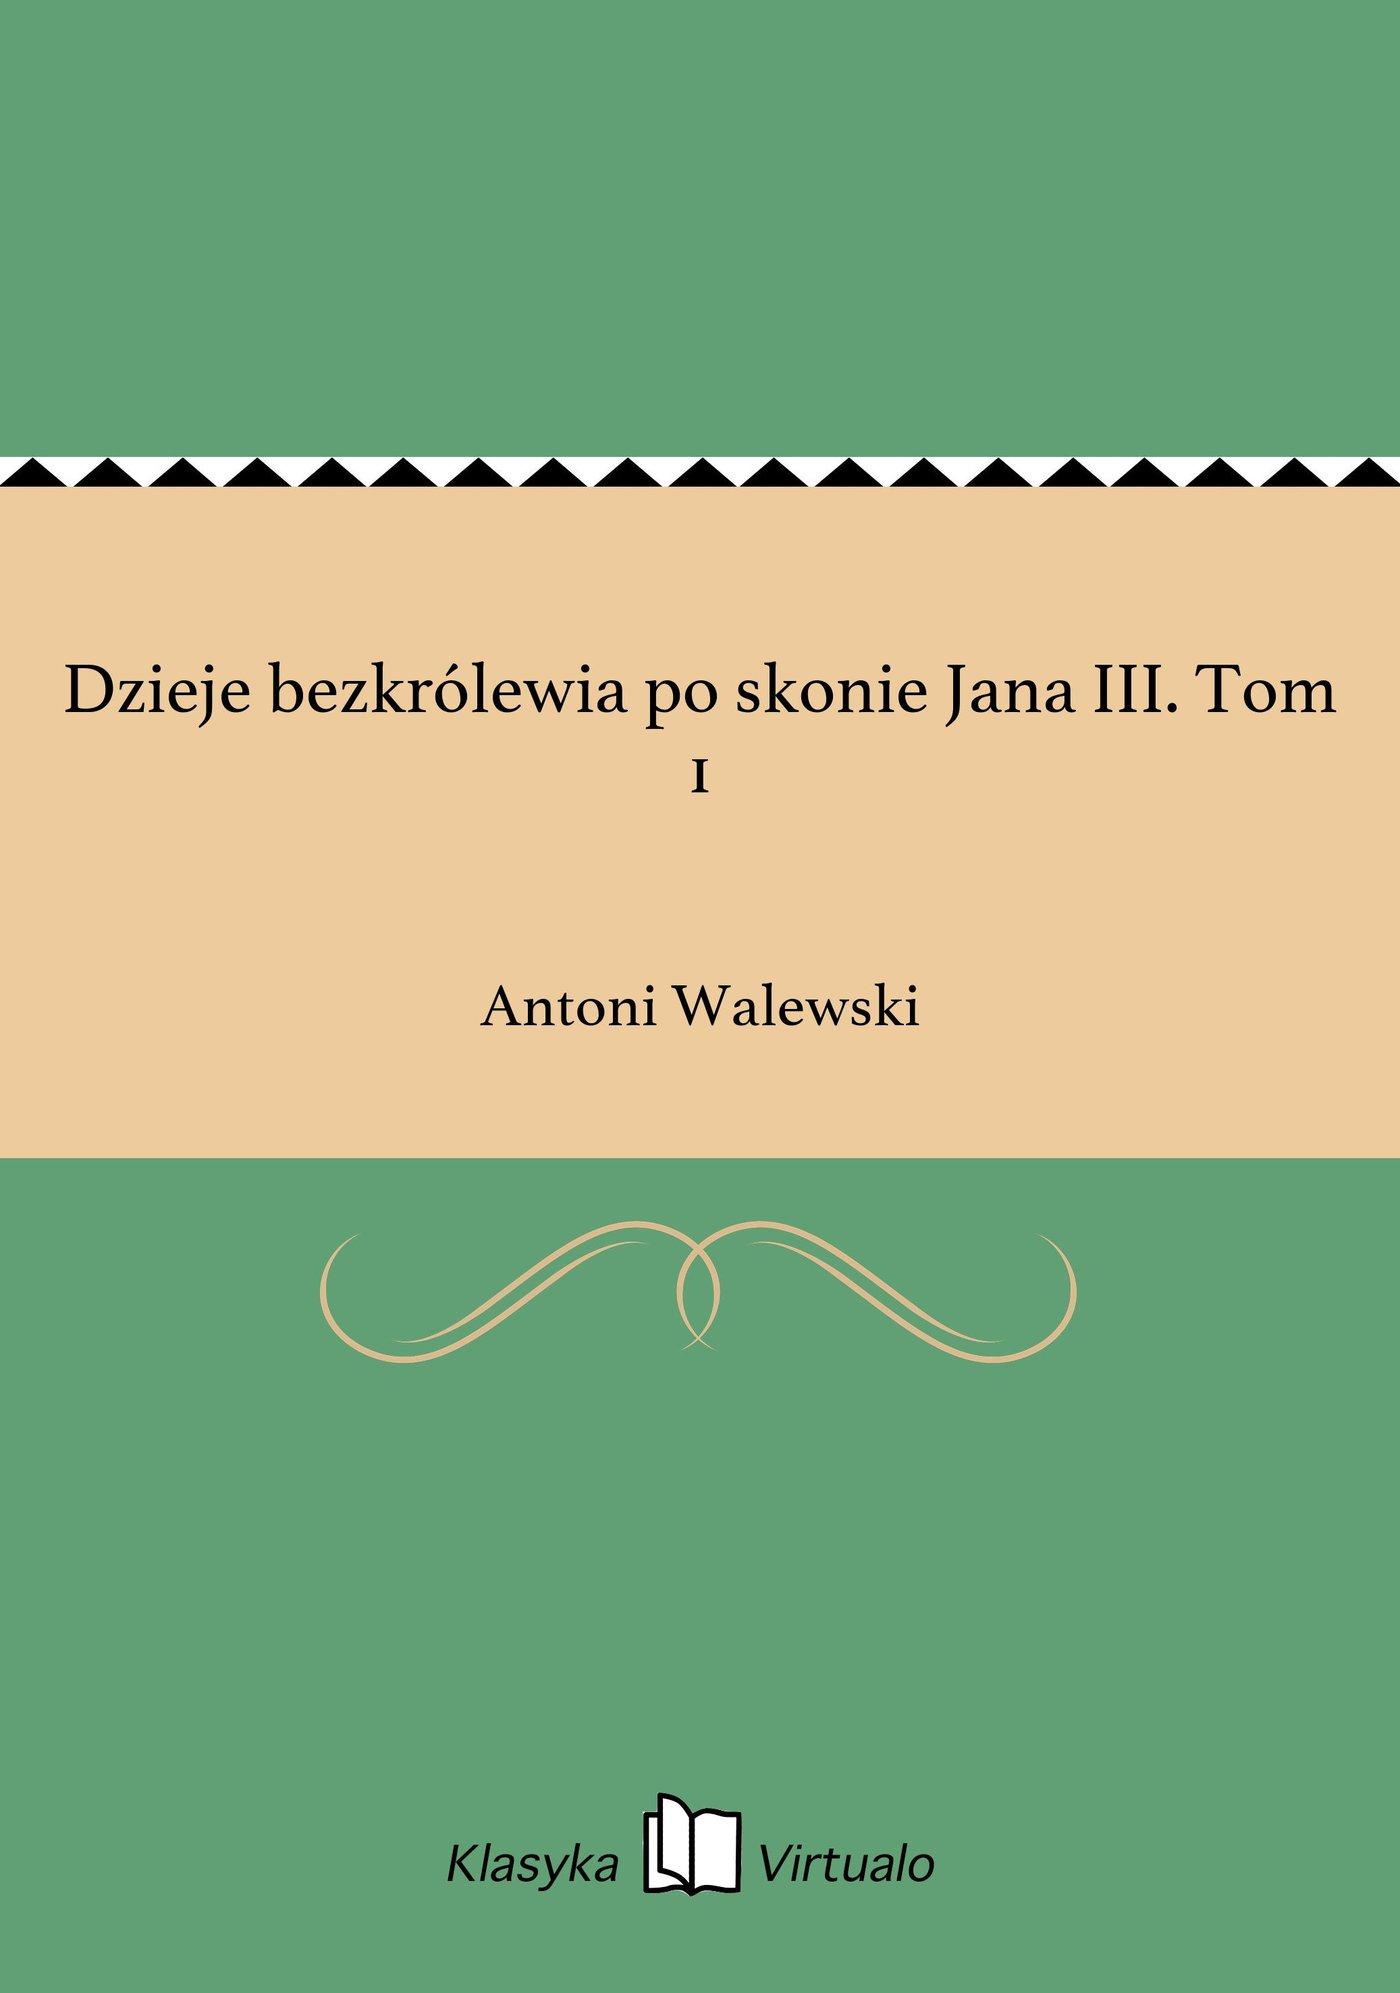 Dzieje bezkrólewia po skonie Jana III. Tom 1 - Ebook (Książka EPUB) do pobrania w formacie EPUB